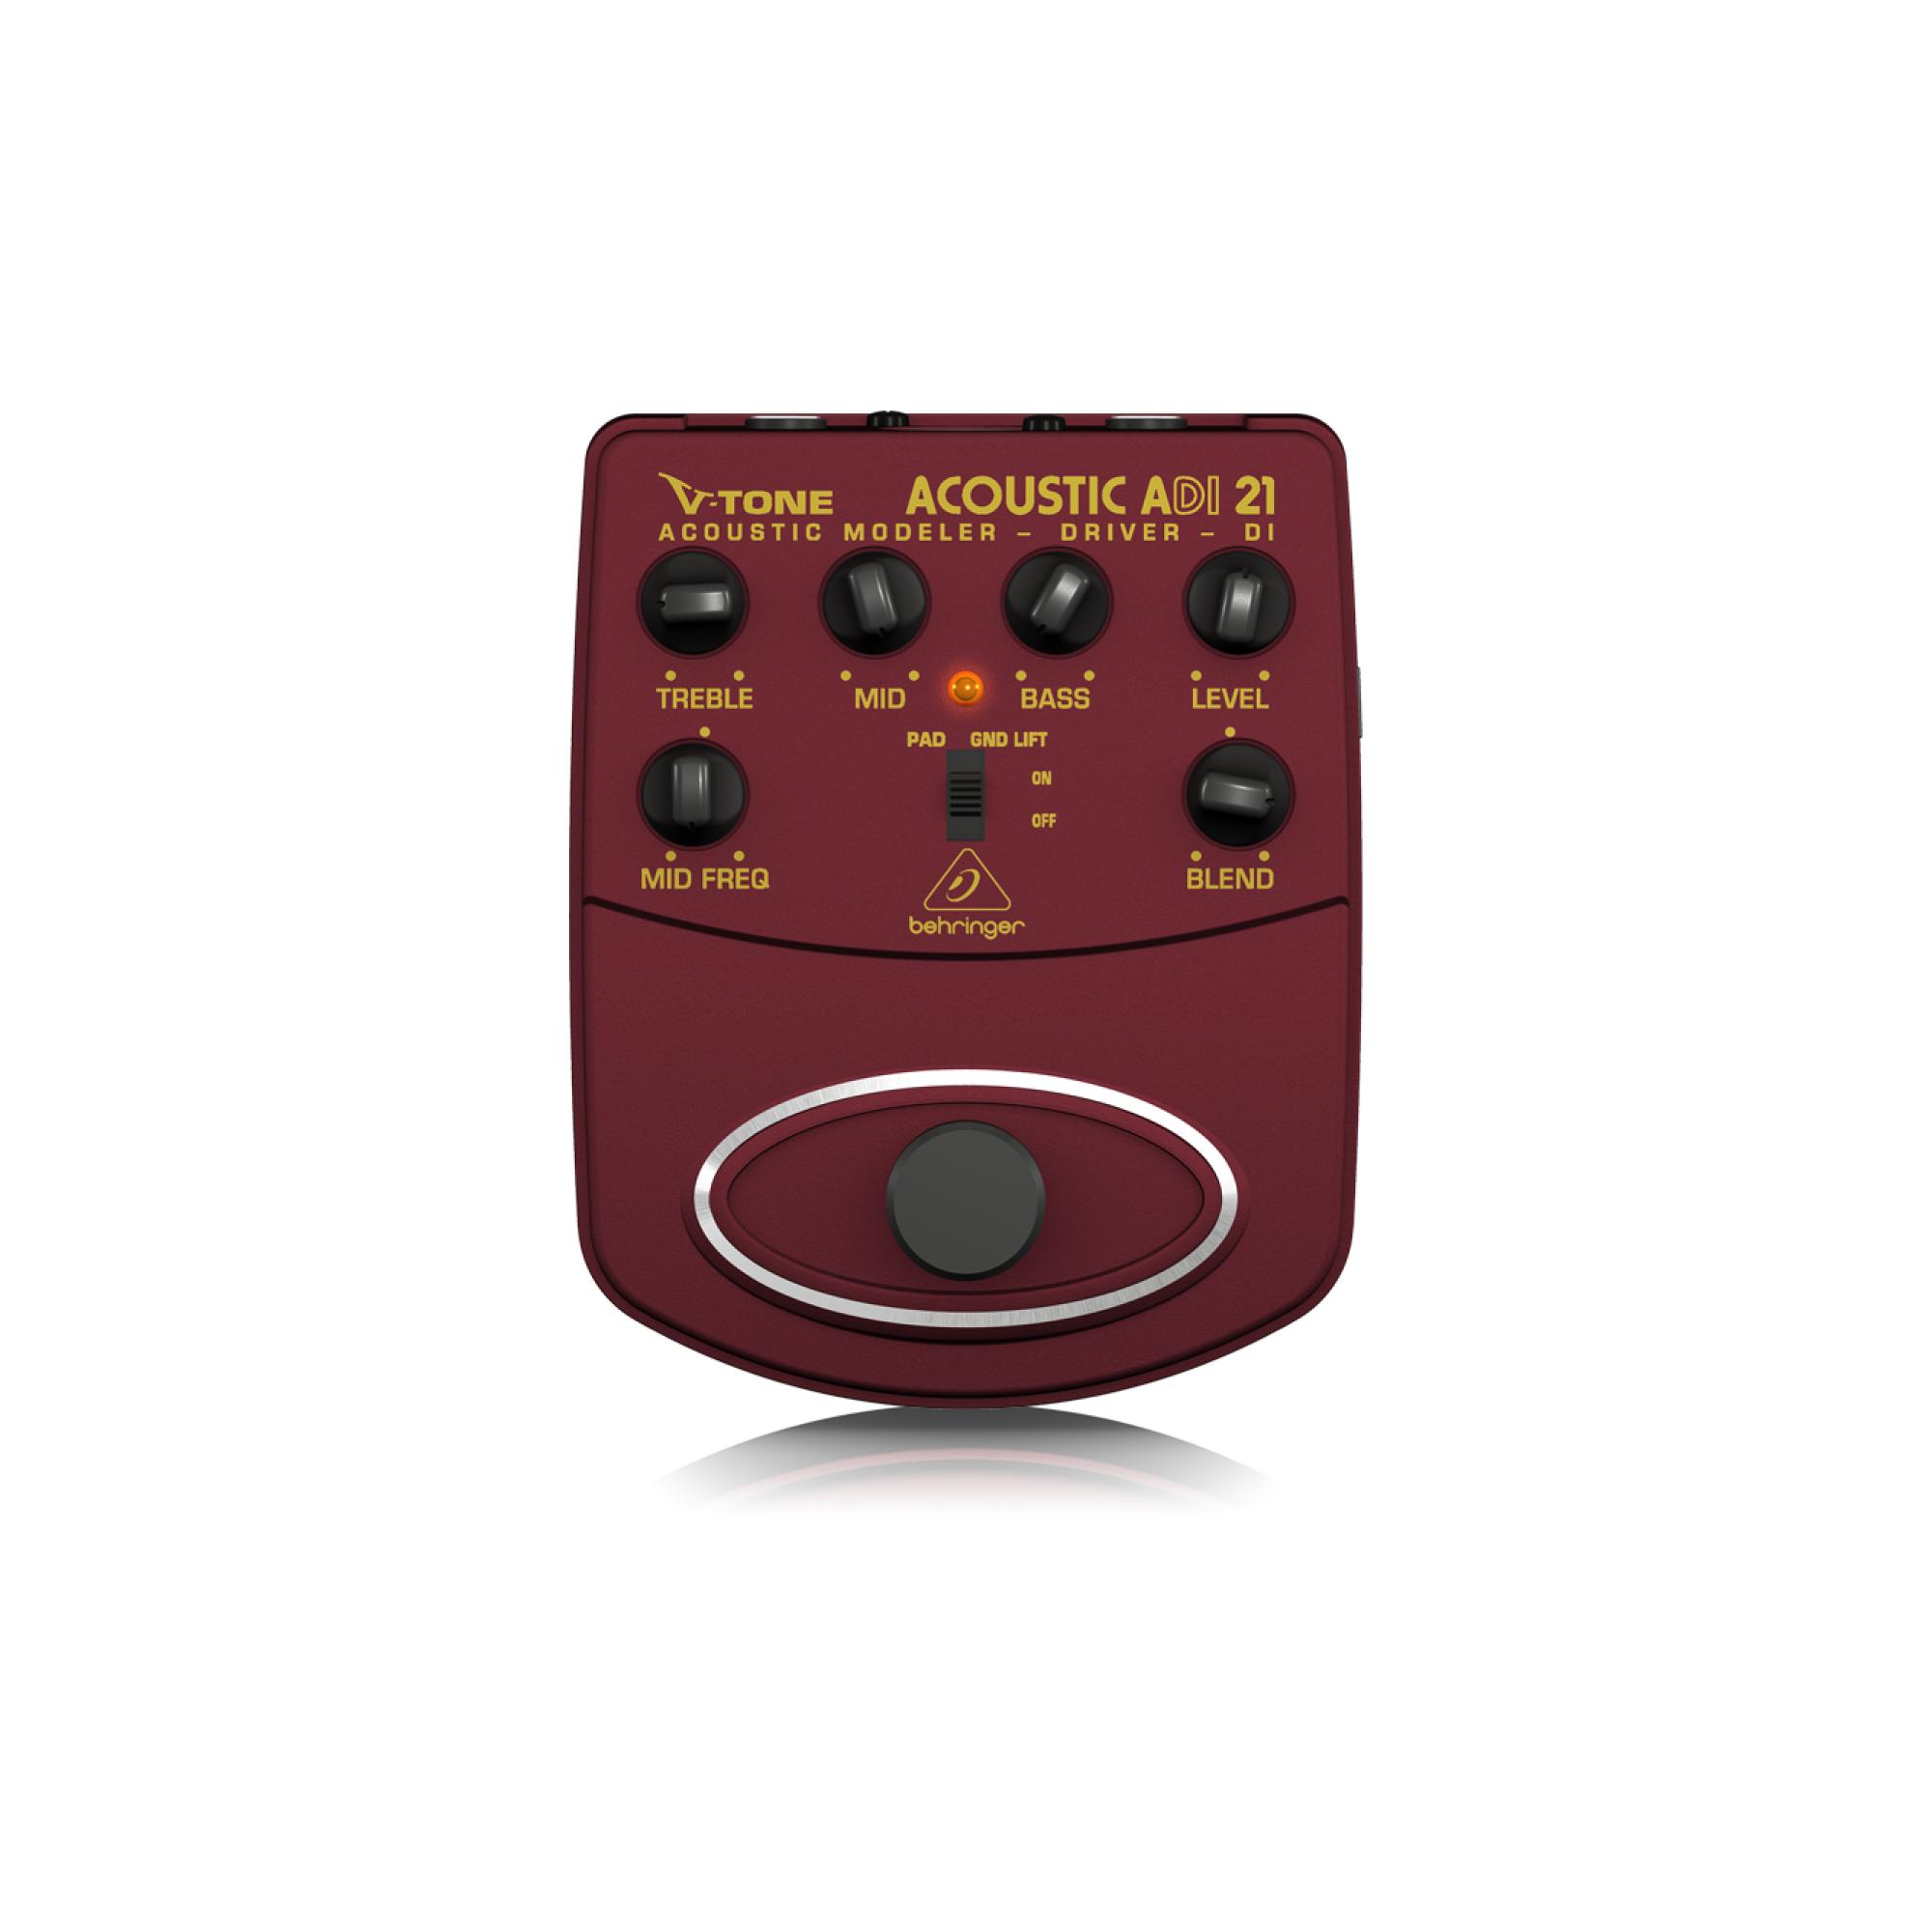 ベリンガー Behringer ADI21 V-TONE ACOUSTIC